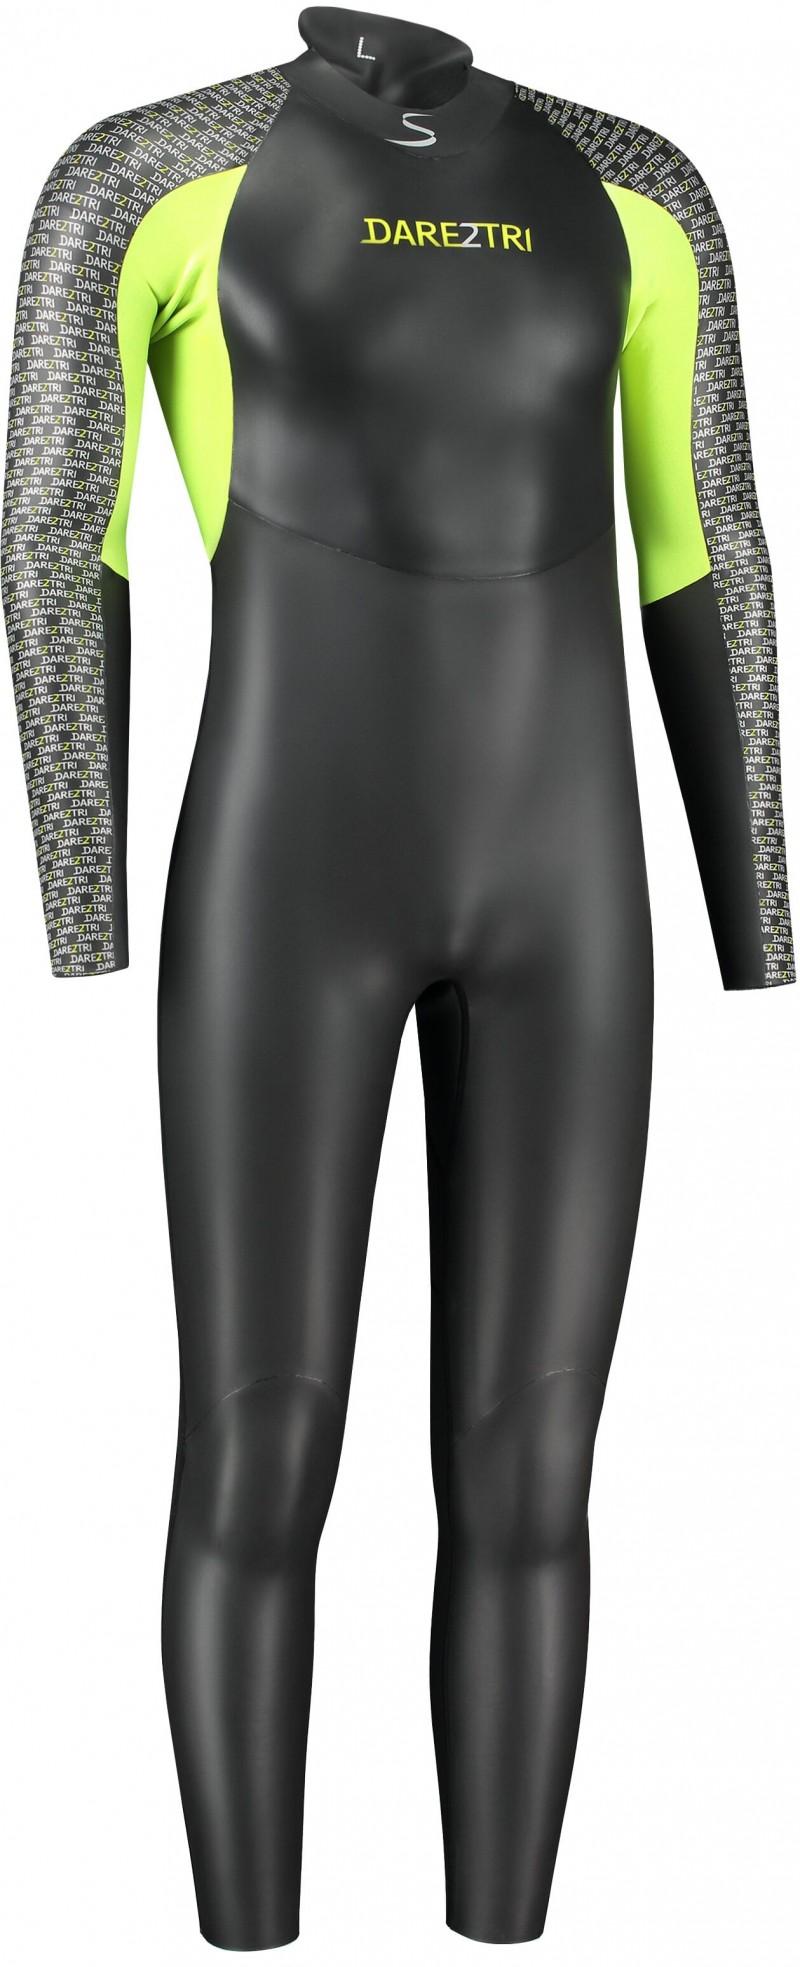 Dare2Tri - To Swim Wetsuit (Size Medium)